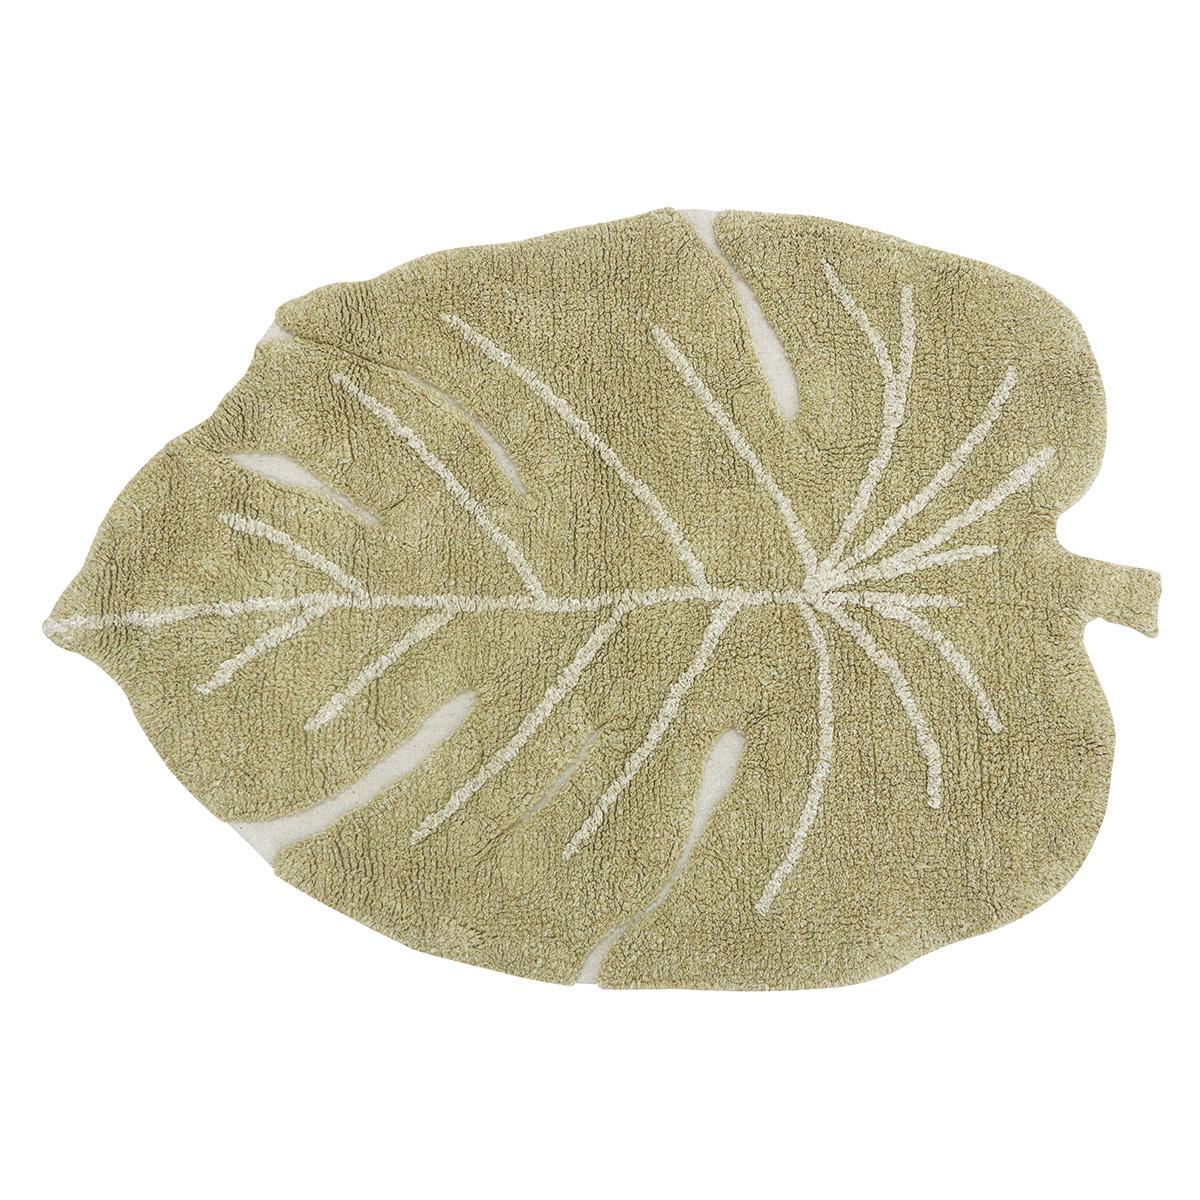 Tapis Tapis Lavable Mini Monstera Olive - 75 x 100 cm Tapis Lavable Mini Monstera Olive - 75 x 100 cm